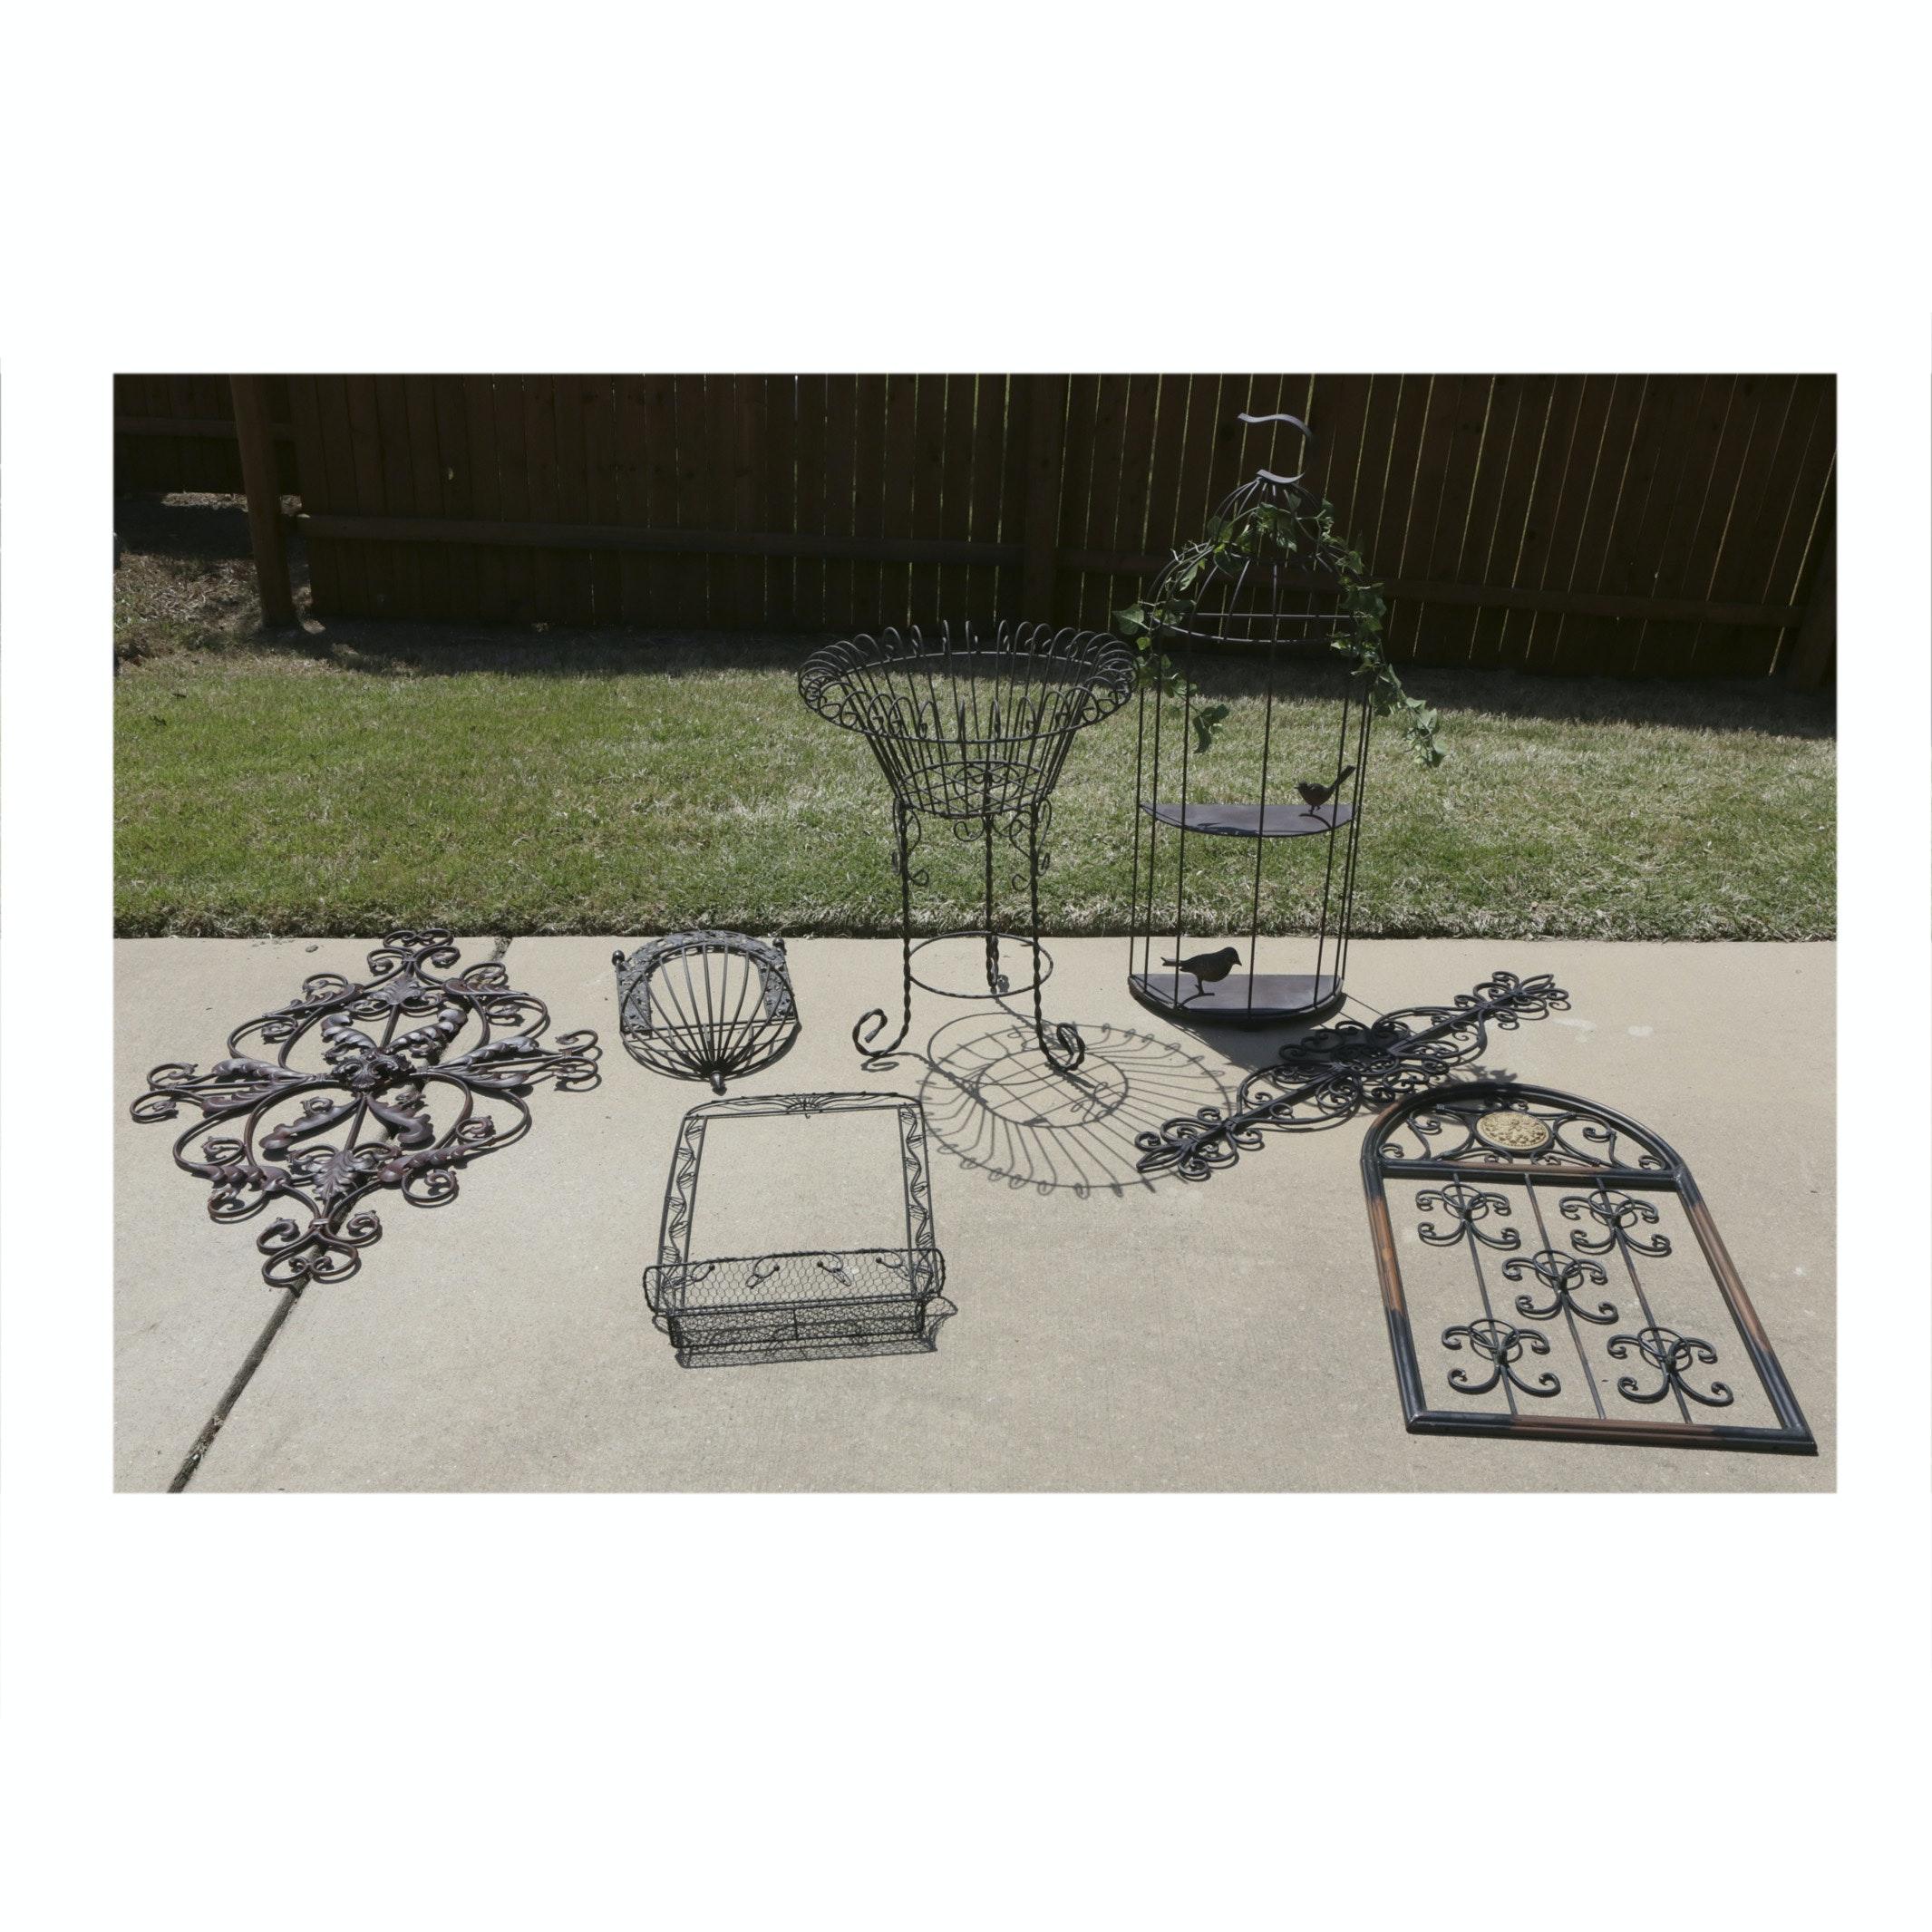 Openwork Metal Garden Decor and Planter Baskets